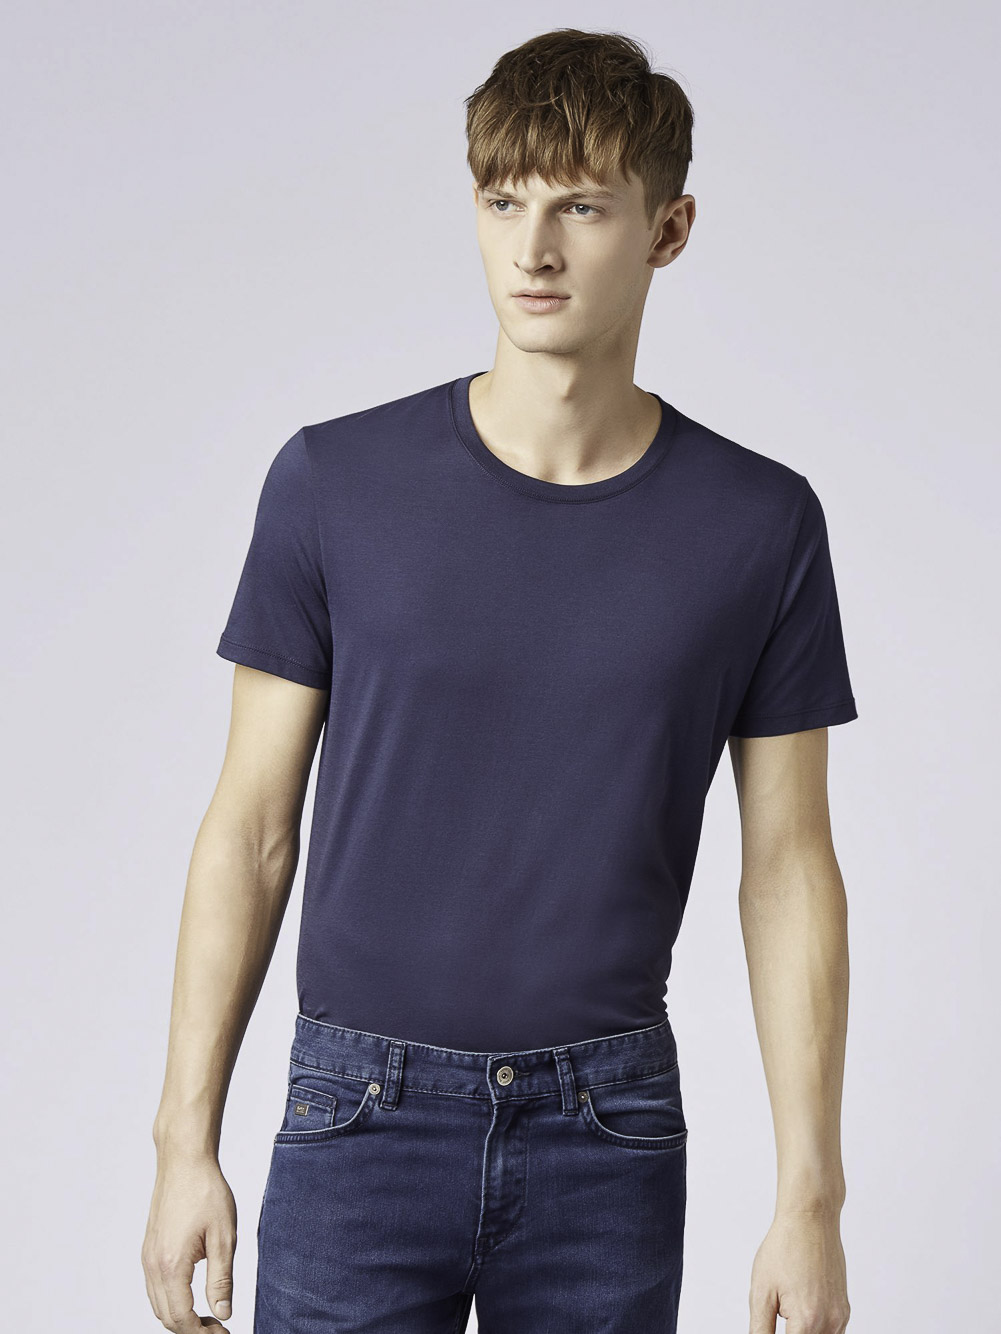 BOSS Μπλούζα t-shirt 50379310-402 ΜΠΛΕ ΣΚΟΥΡΟ